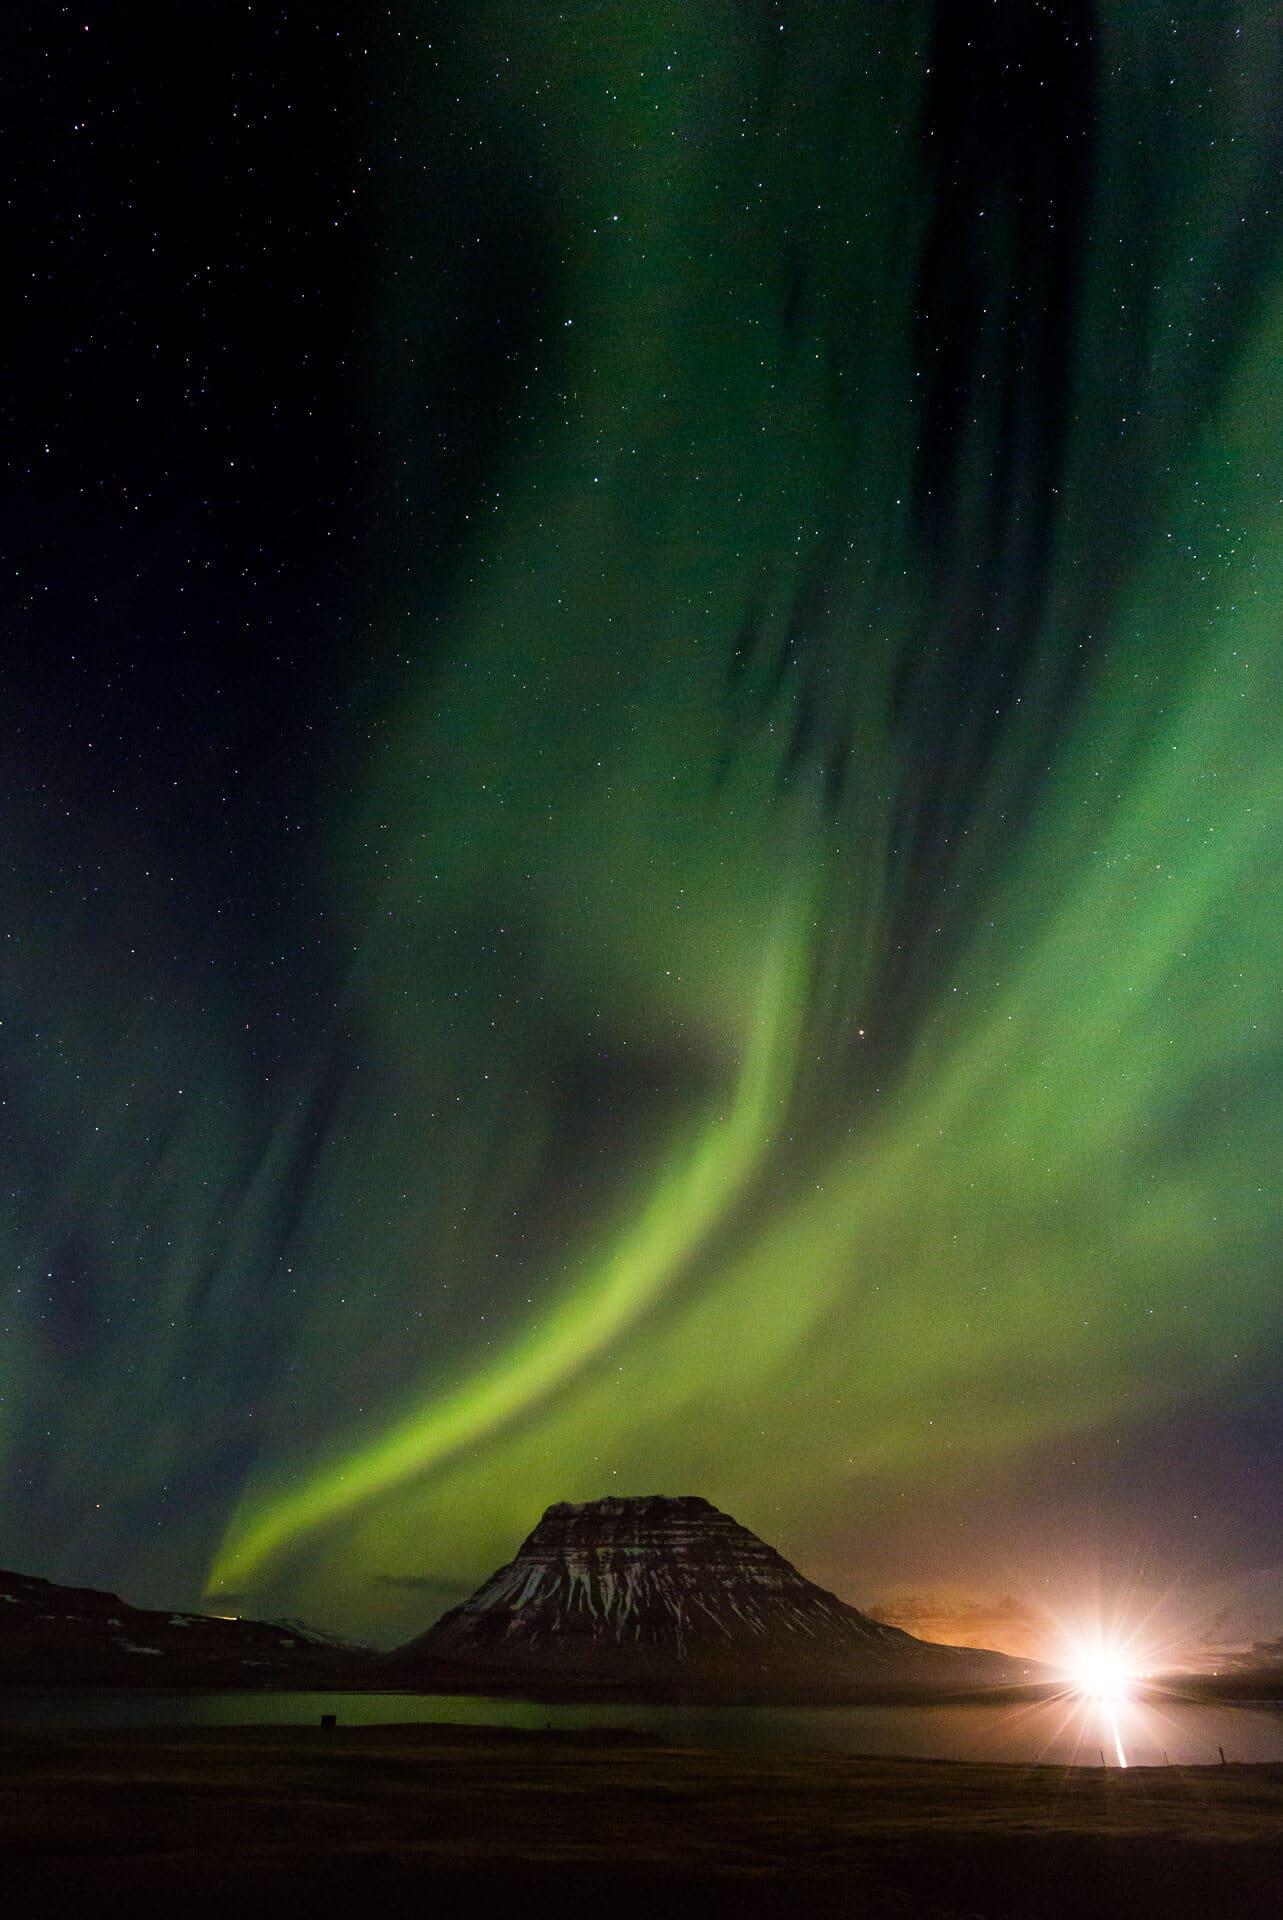 Die Nordlichter zu erleben, macht uns jedes Mal sprachlos und ehrfürchtig. Island bietet die perfekte Szenerie dafür.